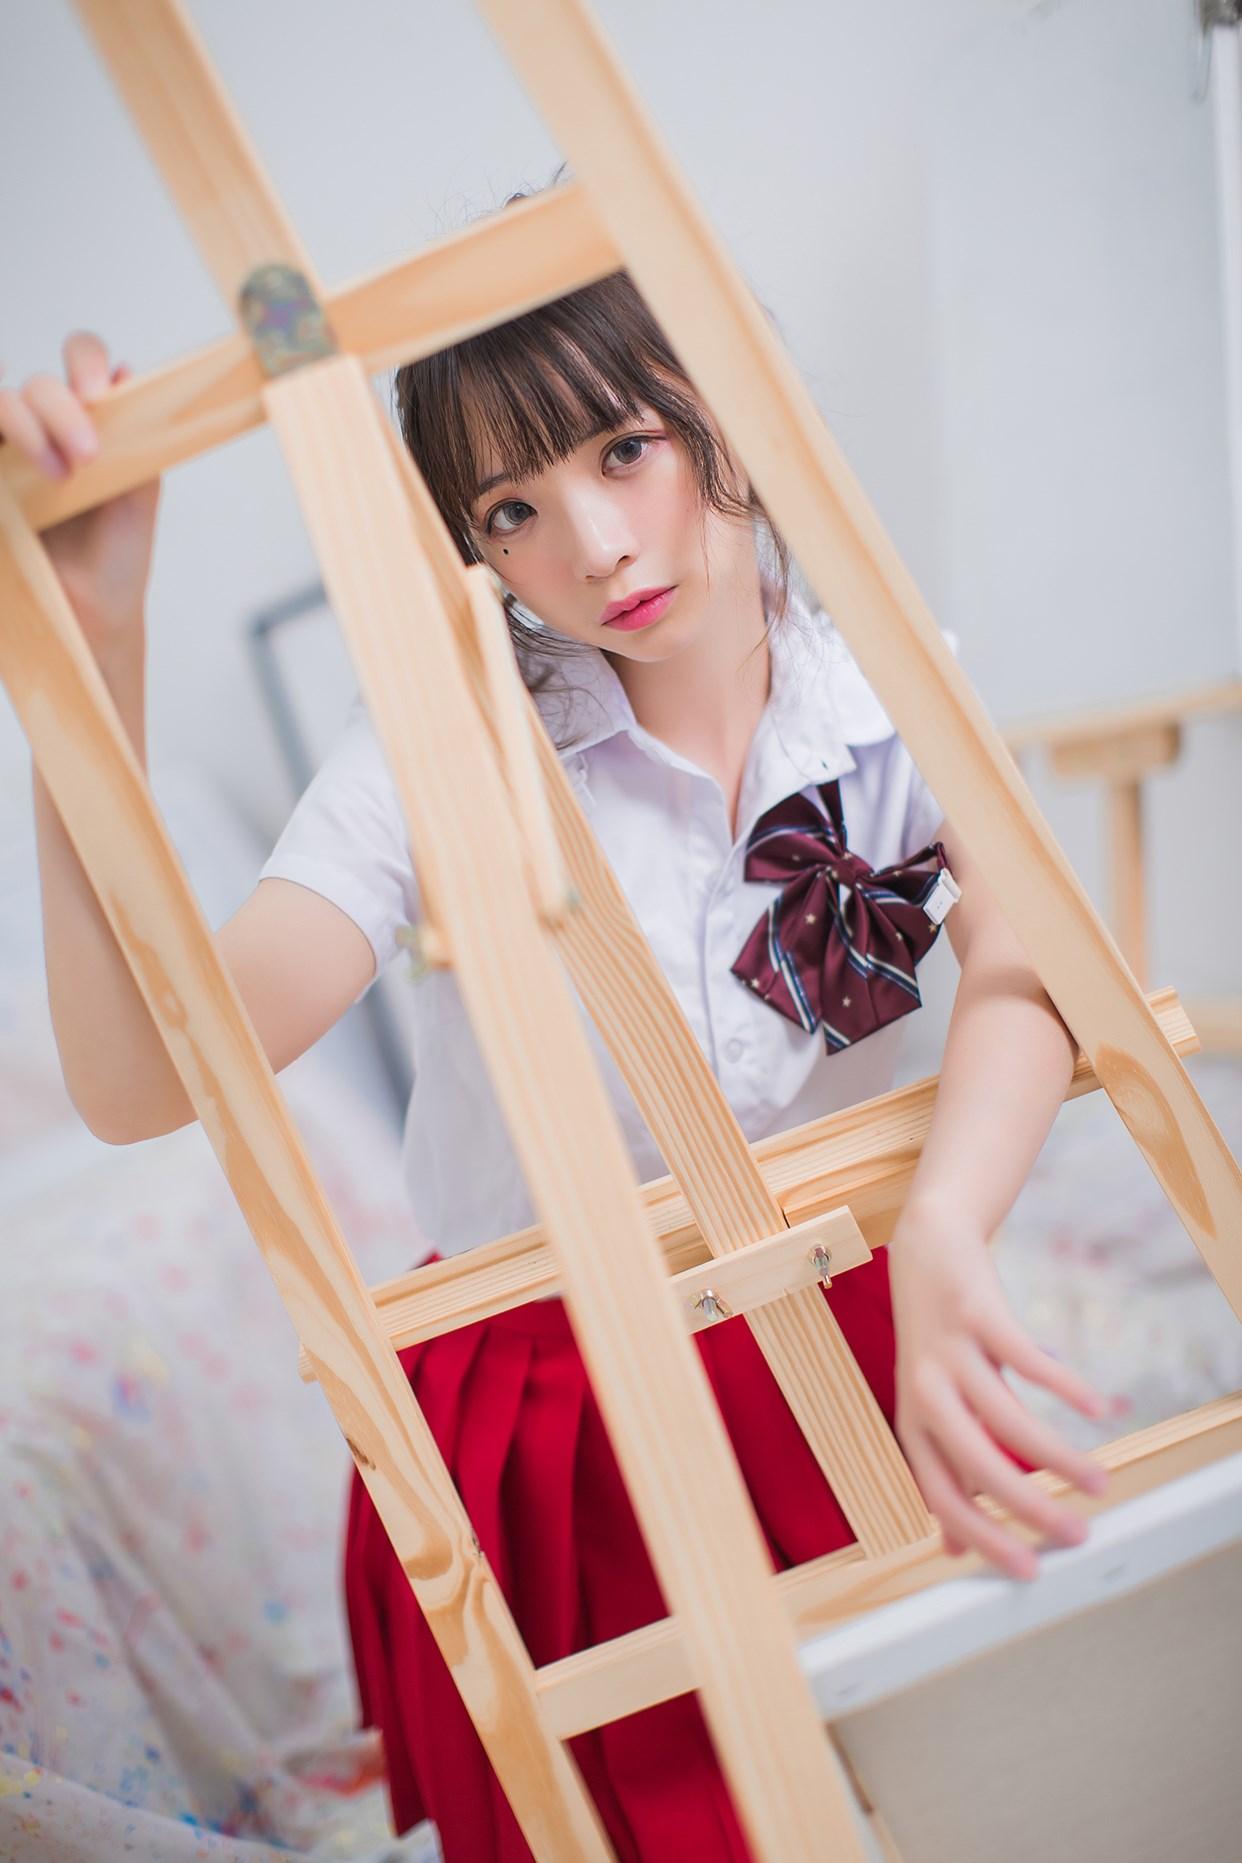 【兔玩映画】黑丝 · JK · 少女 兔玩映画 第12张